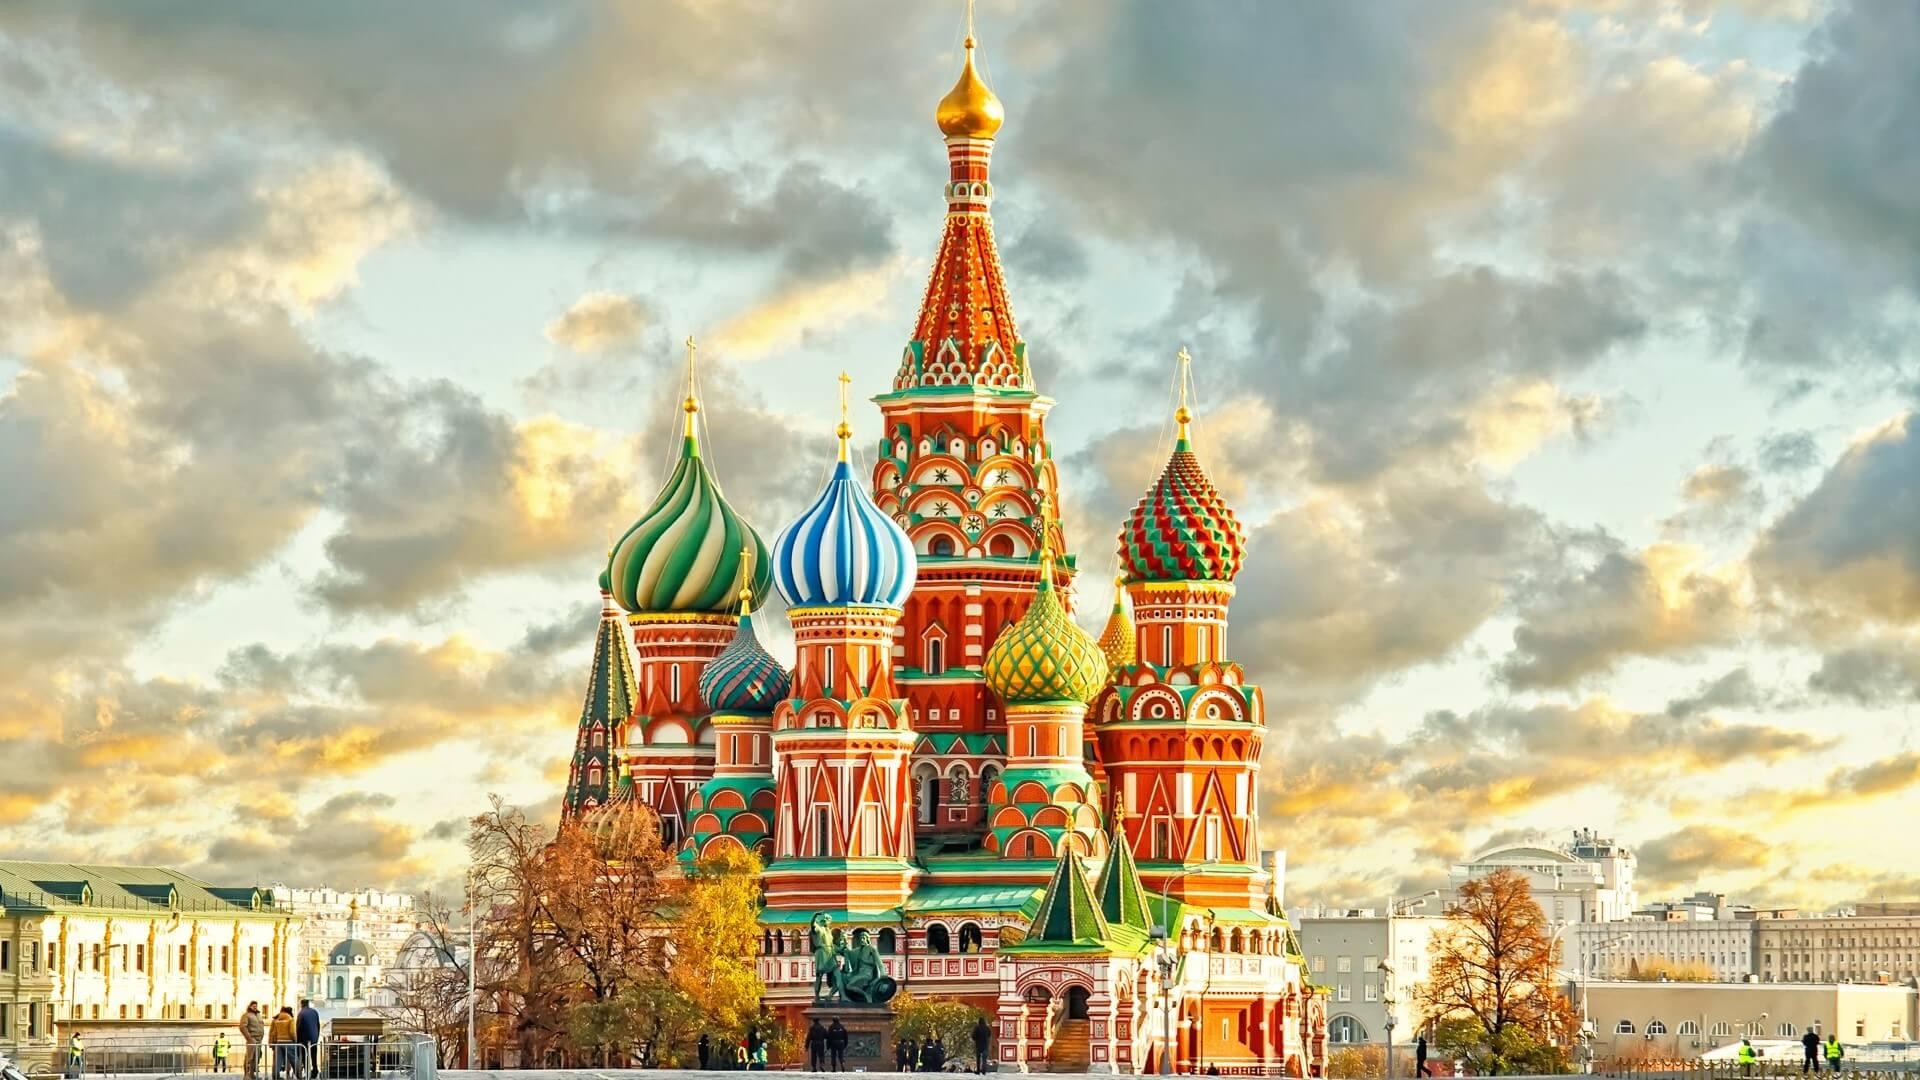 С днем рождения открытка на фоне москвы